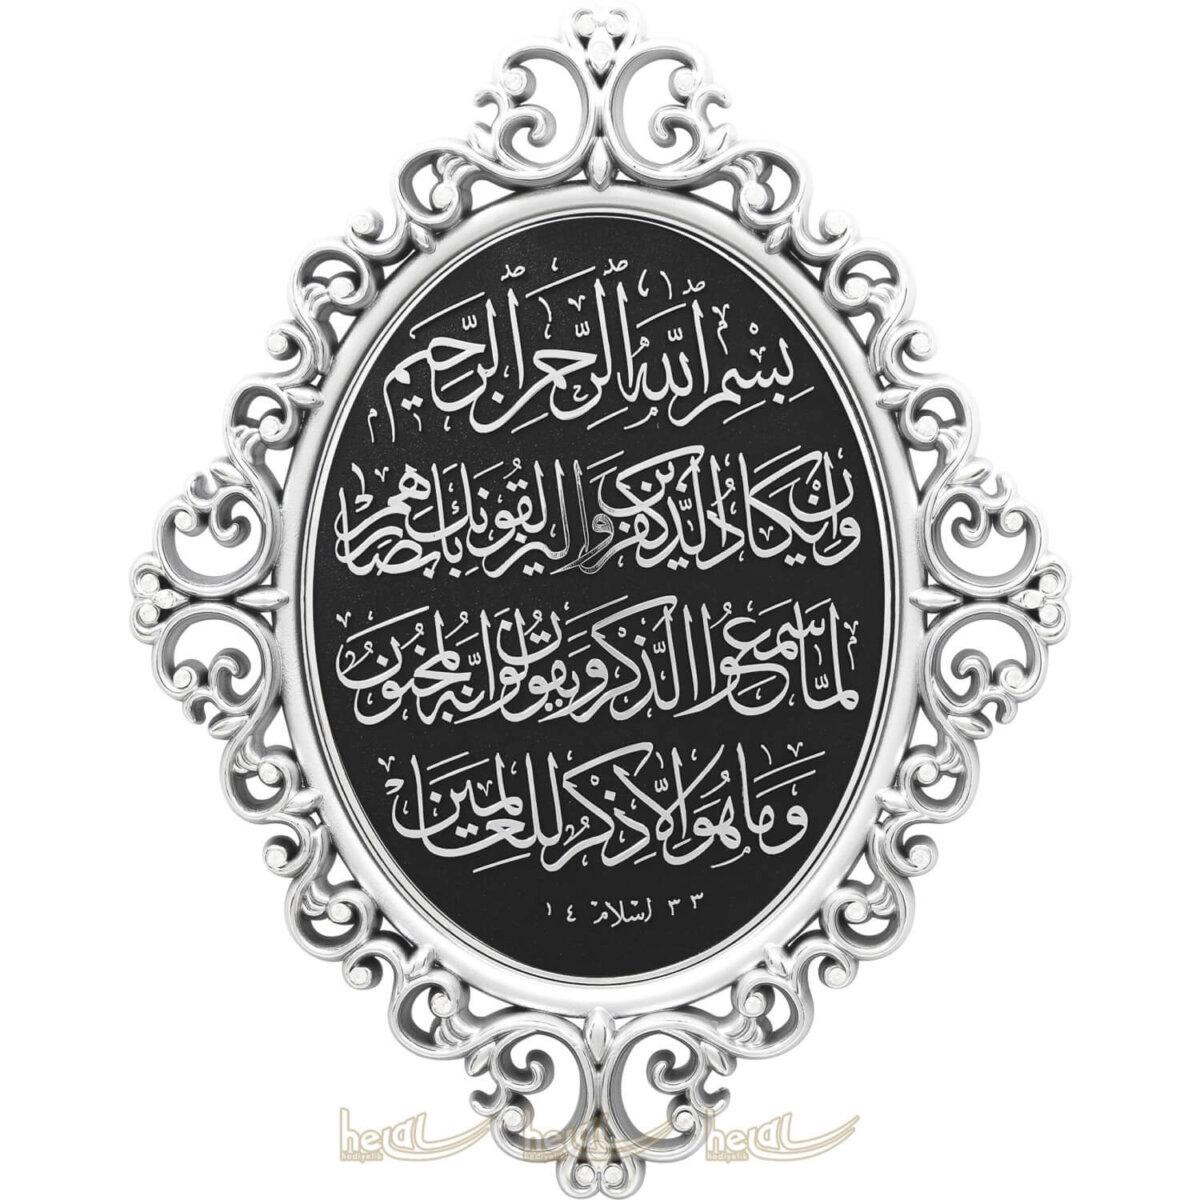 28x38cm Büyük Nazar Duası  Osmanlı Motifli Modern Lüks Duvar Panosu Ayetli Ürünler